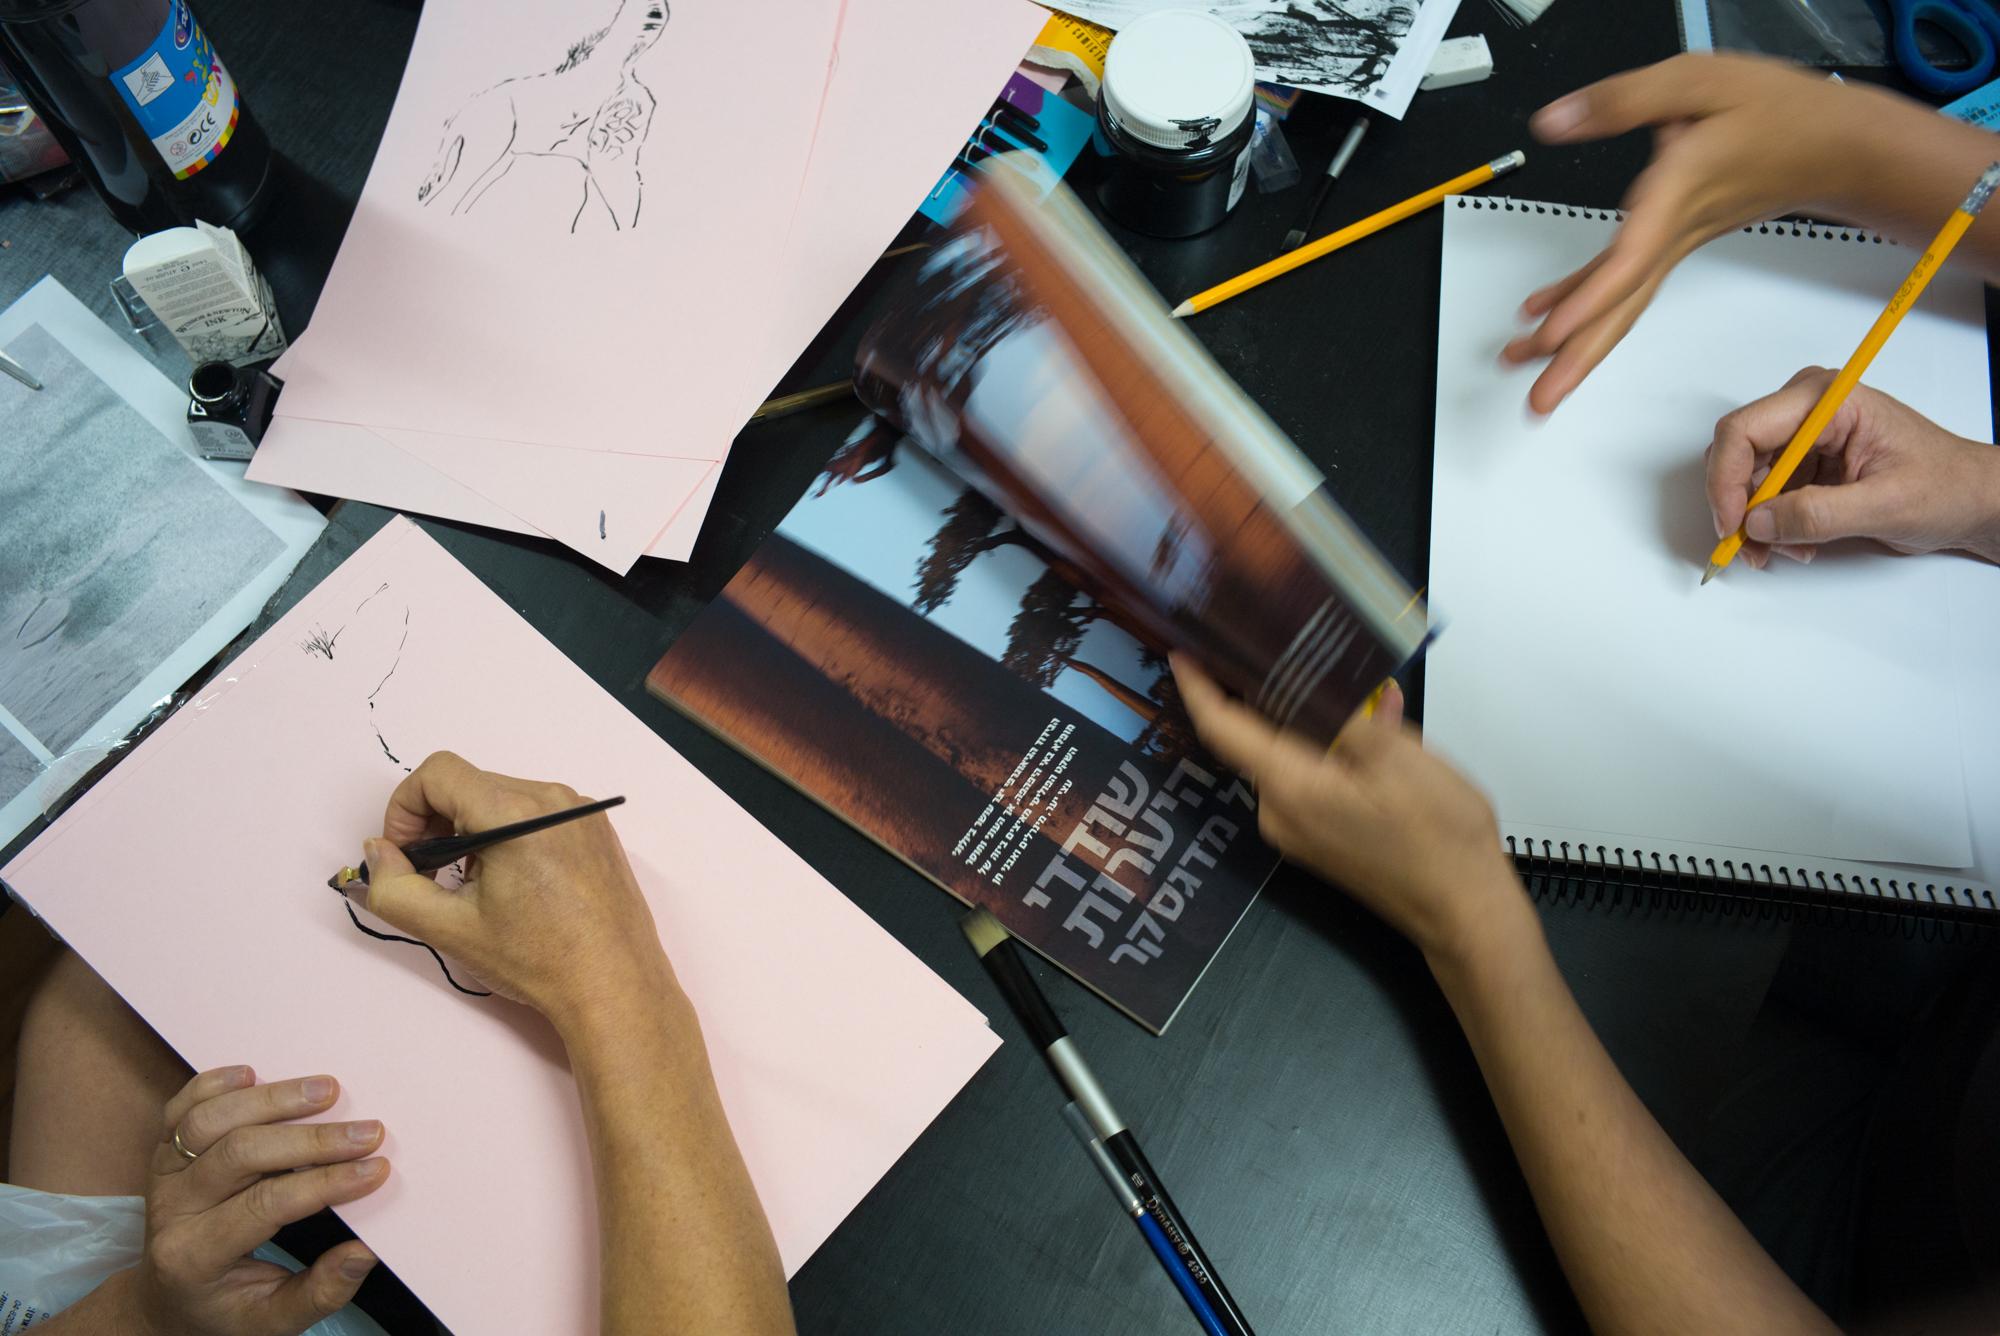 סדנת איור בקורס עיצוב גרפי